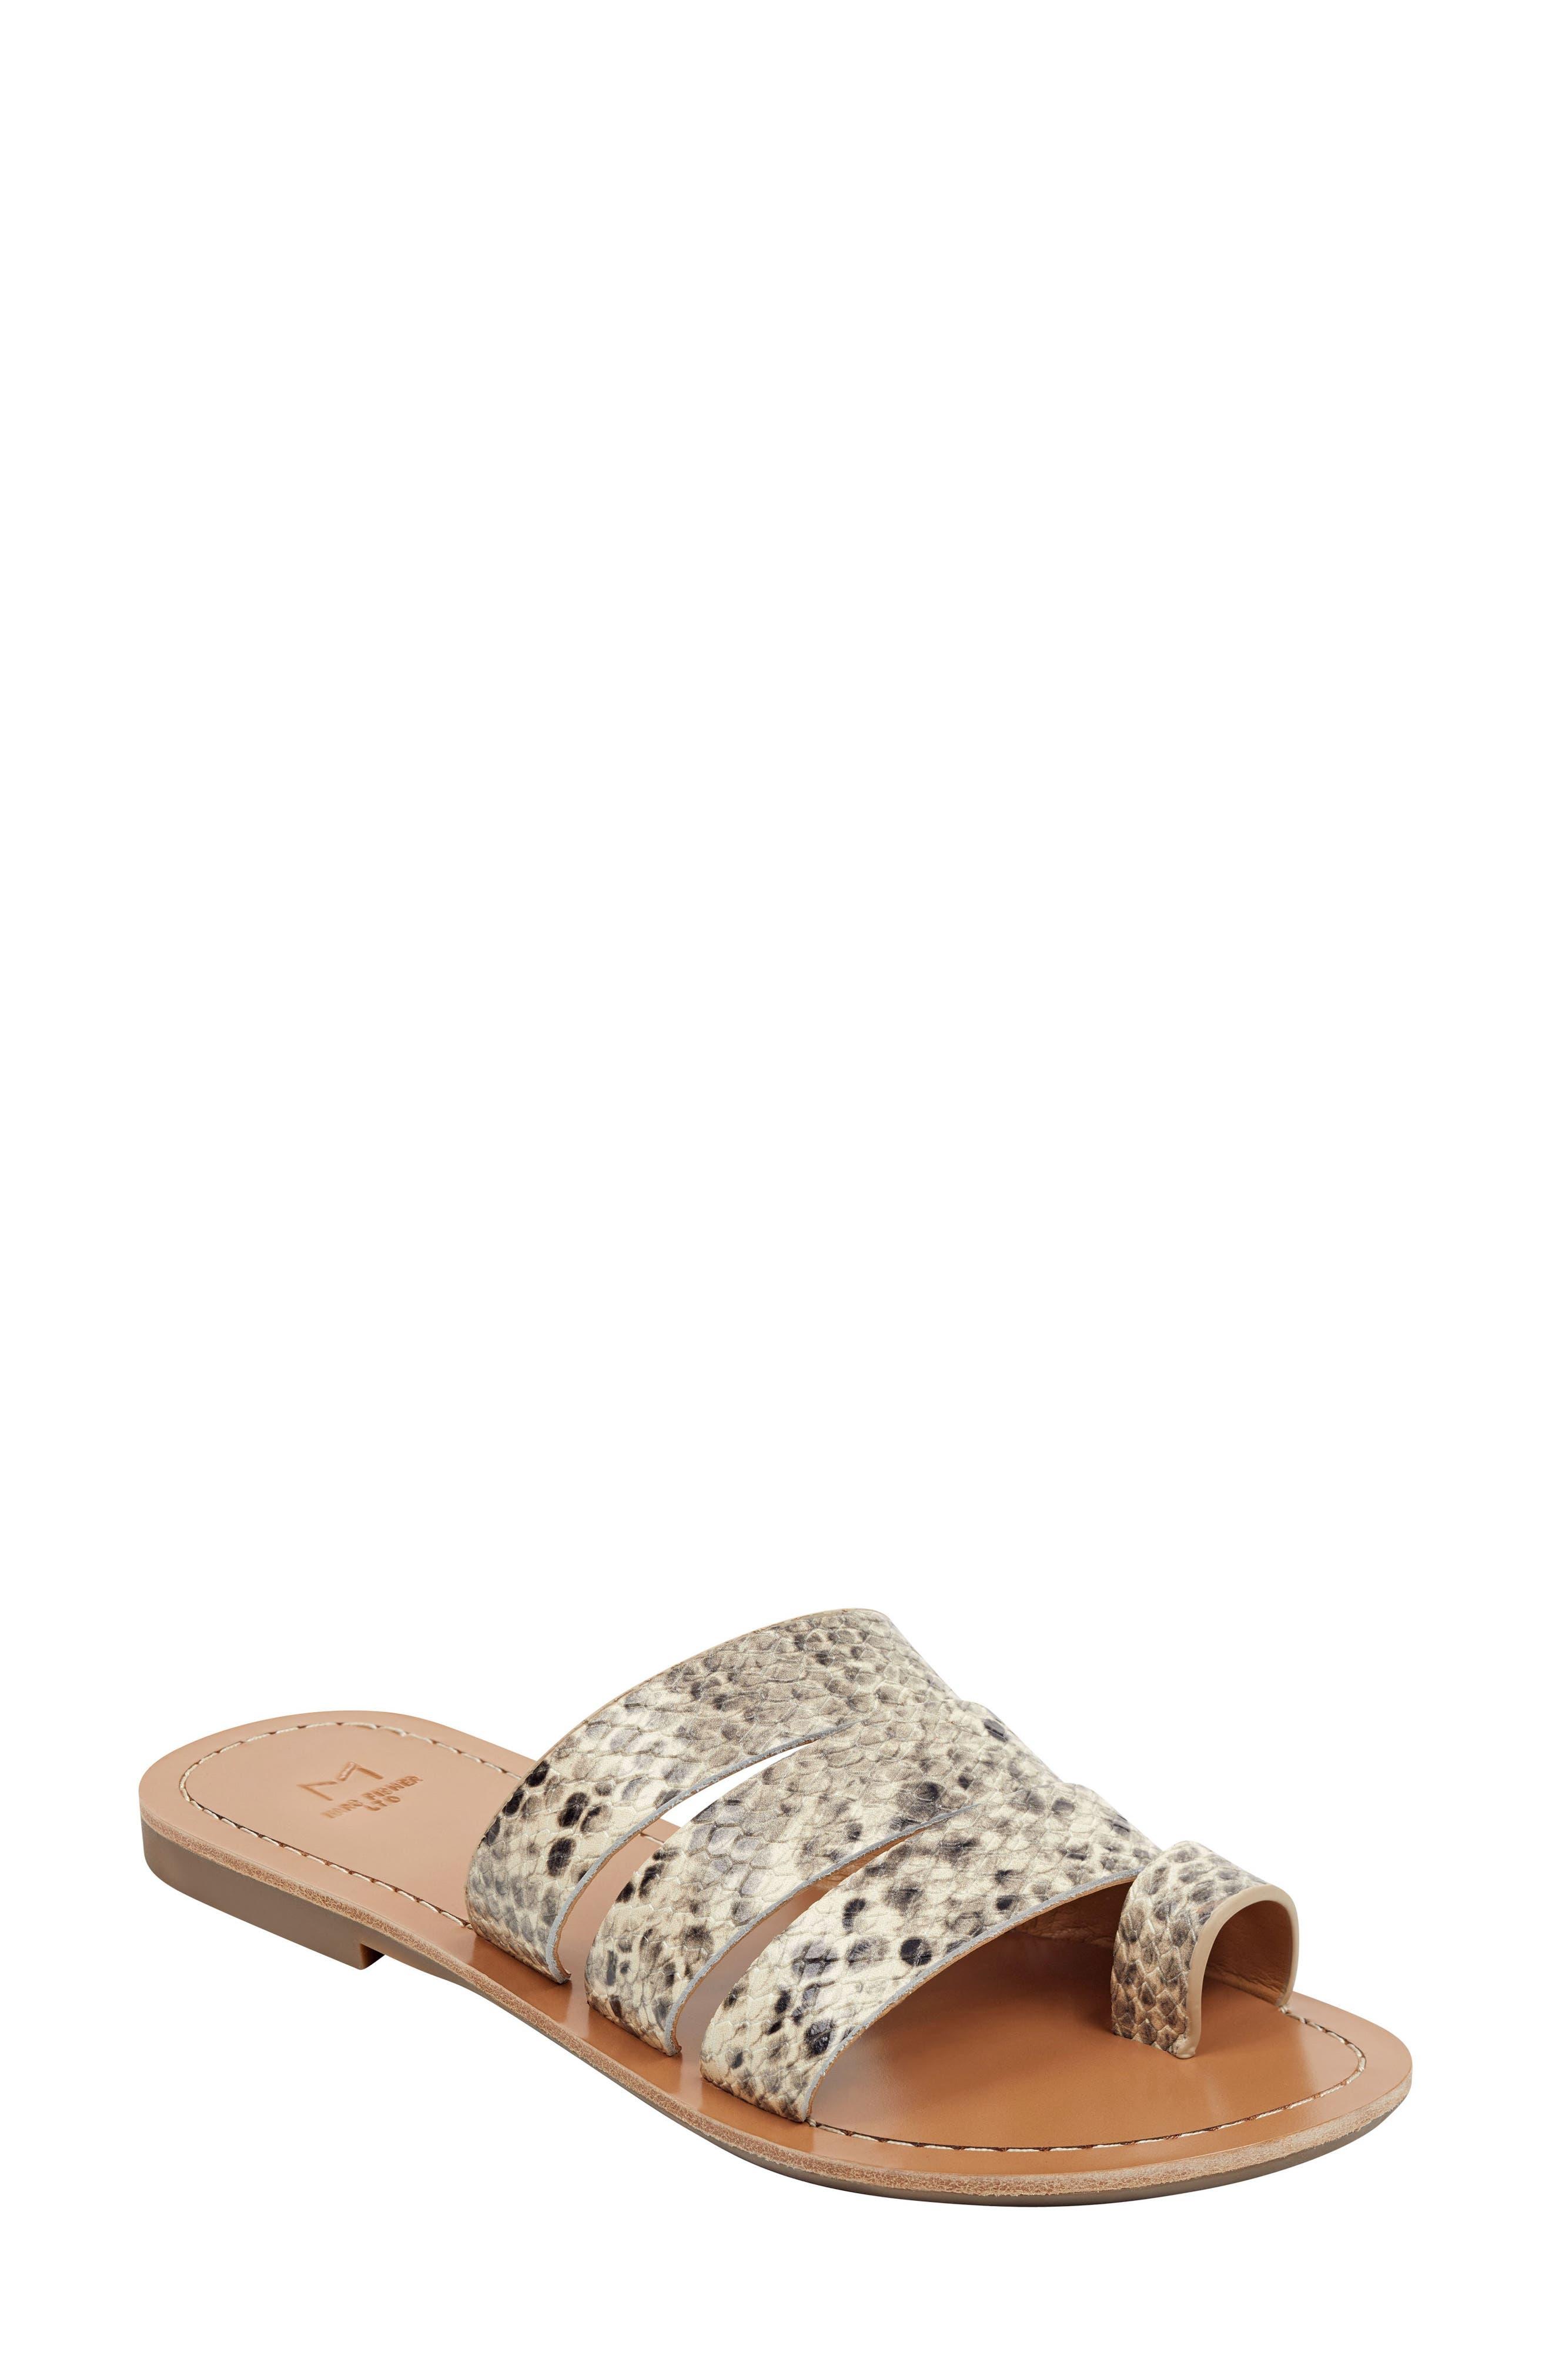 Marc Fisher LTD Rilee Slide Sandal (Women)